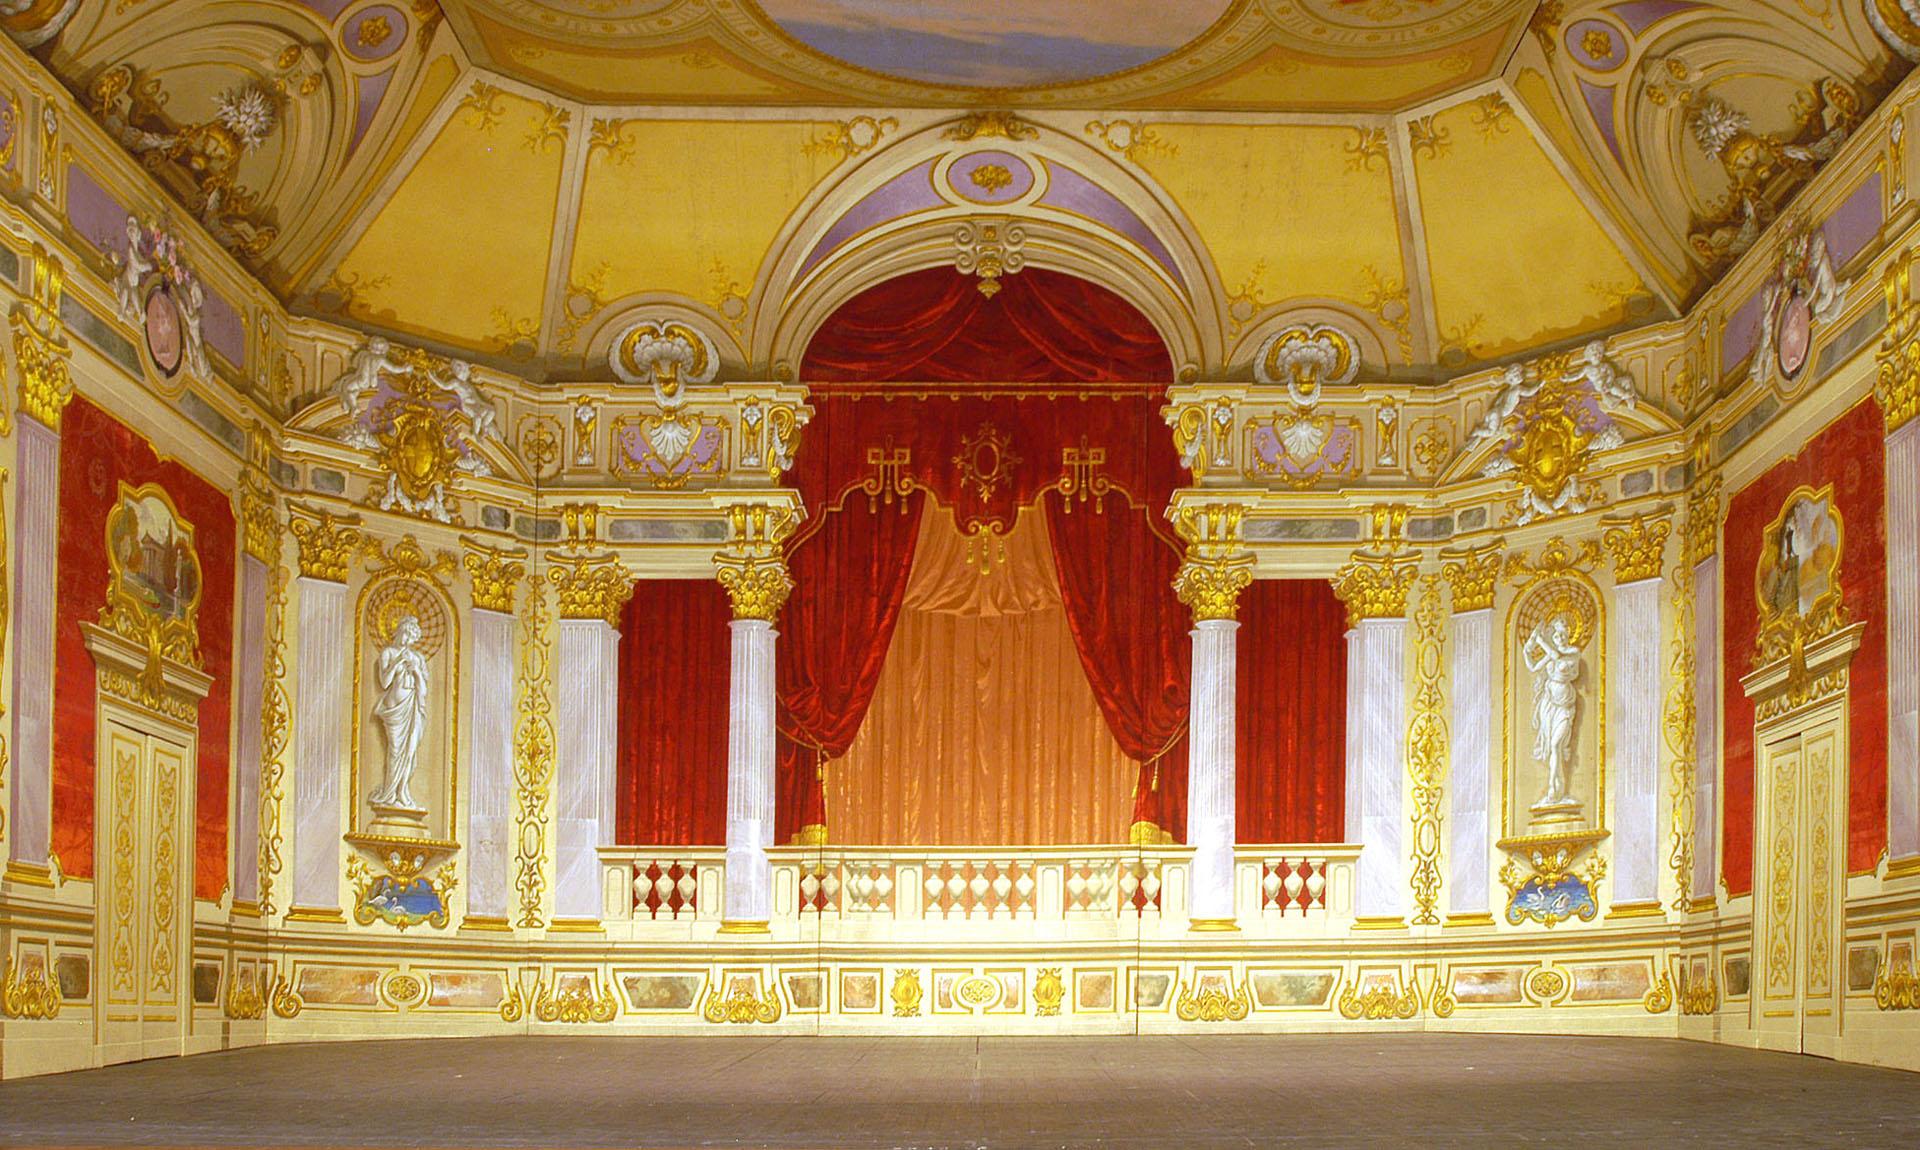 Teatro regio teatro regio di parma for Finestra termale